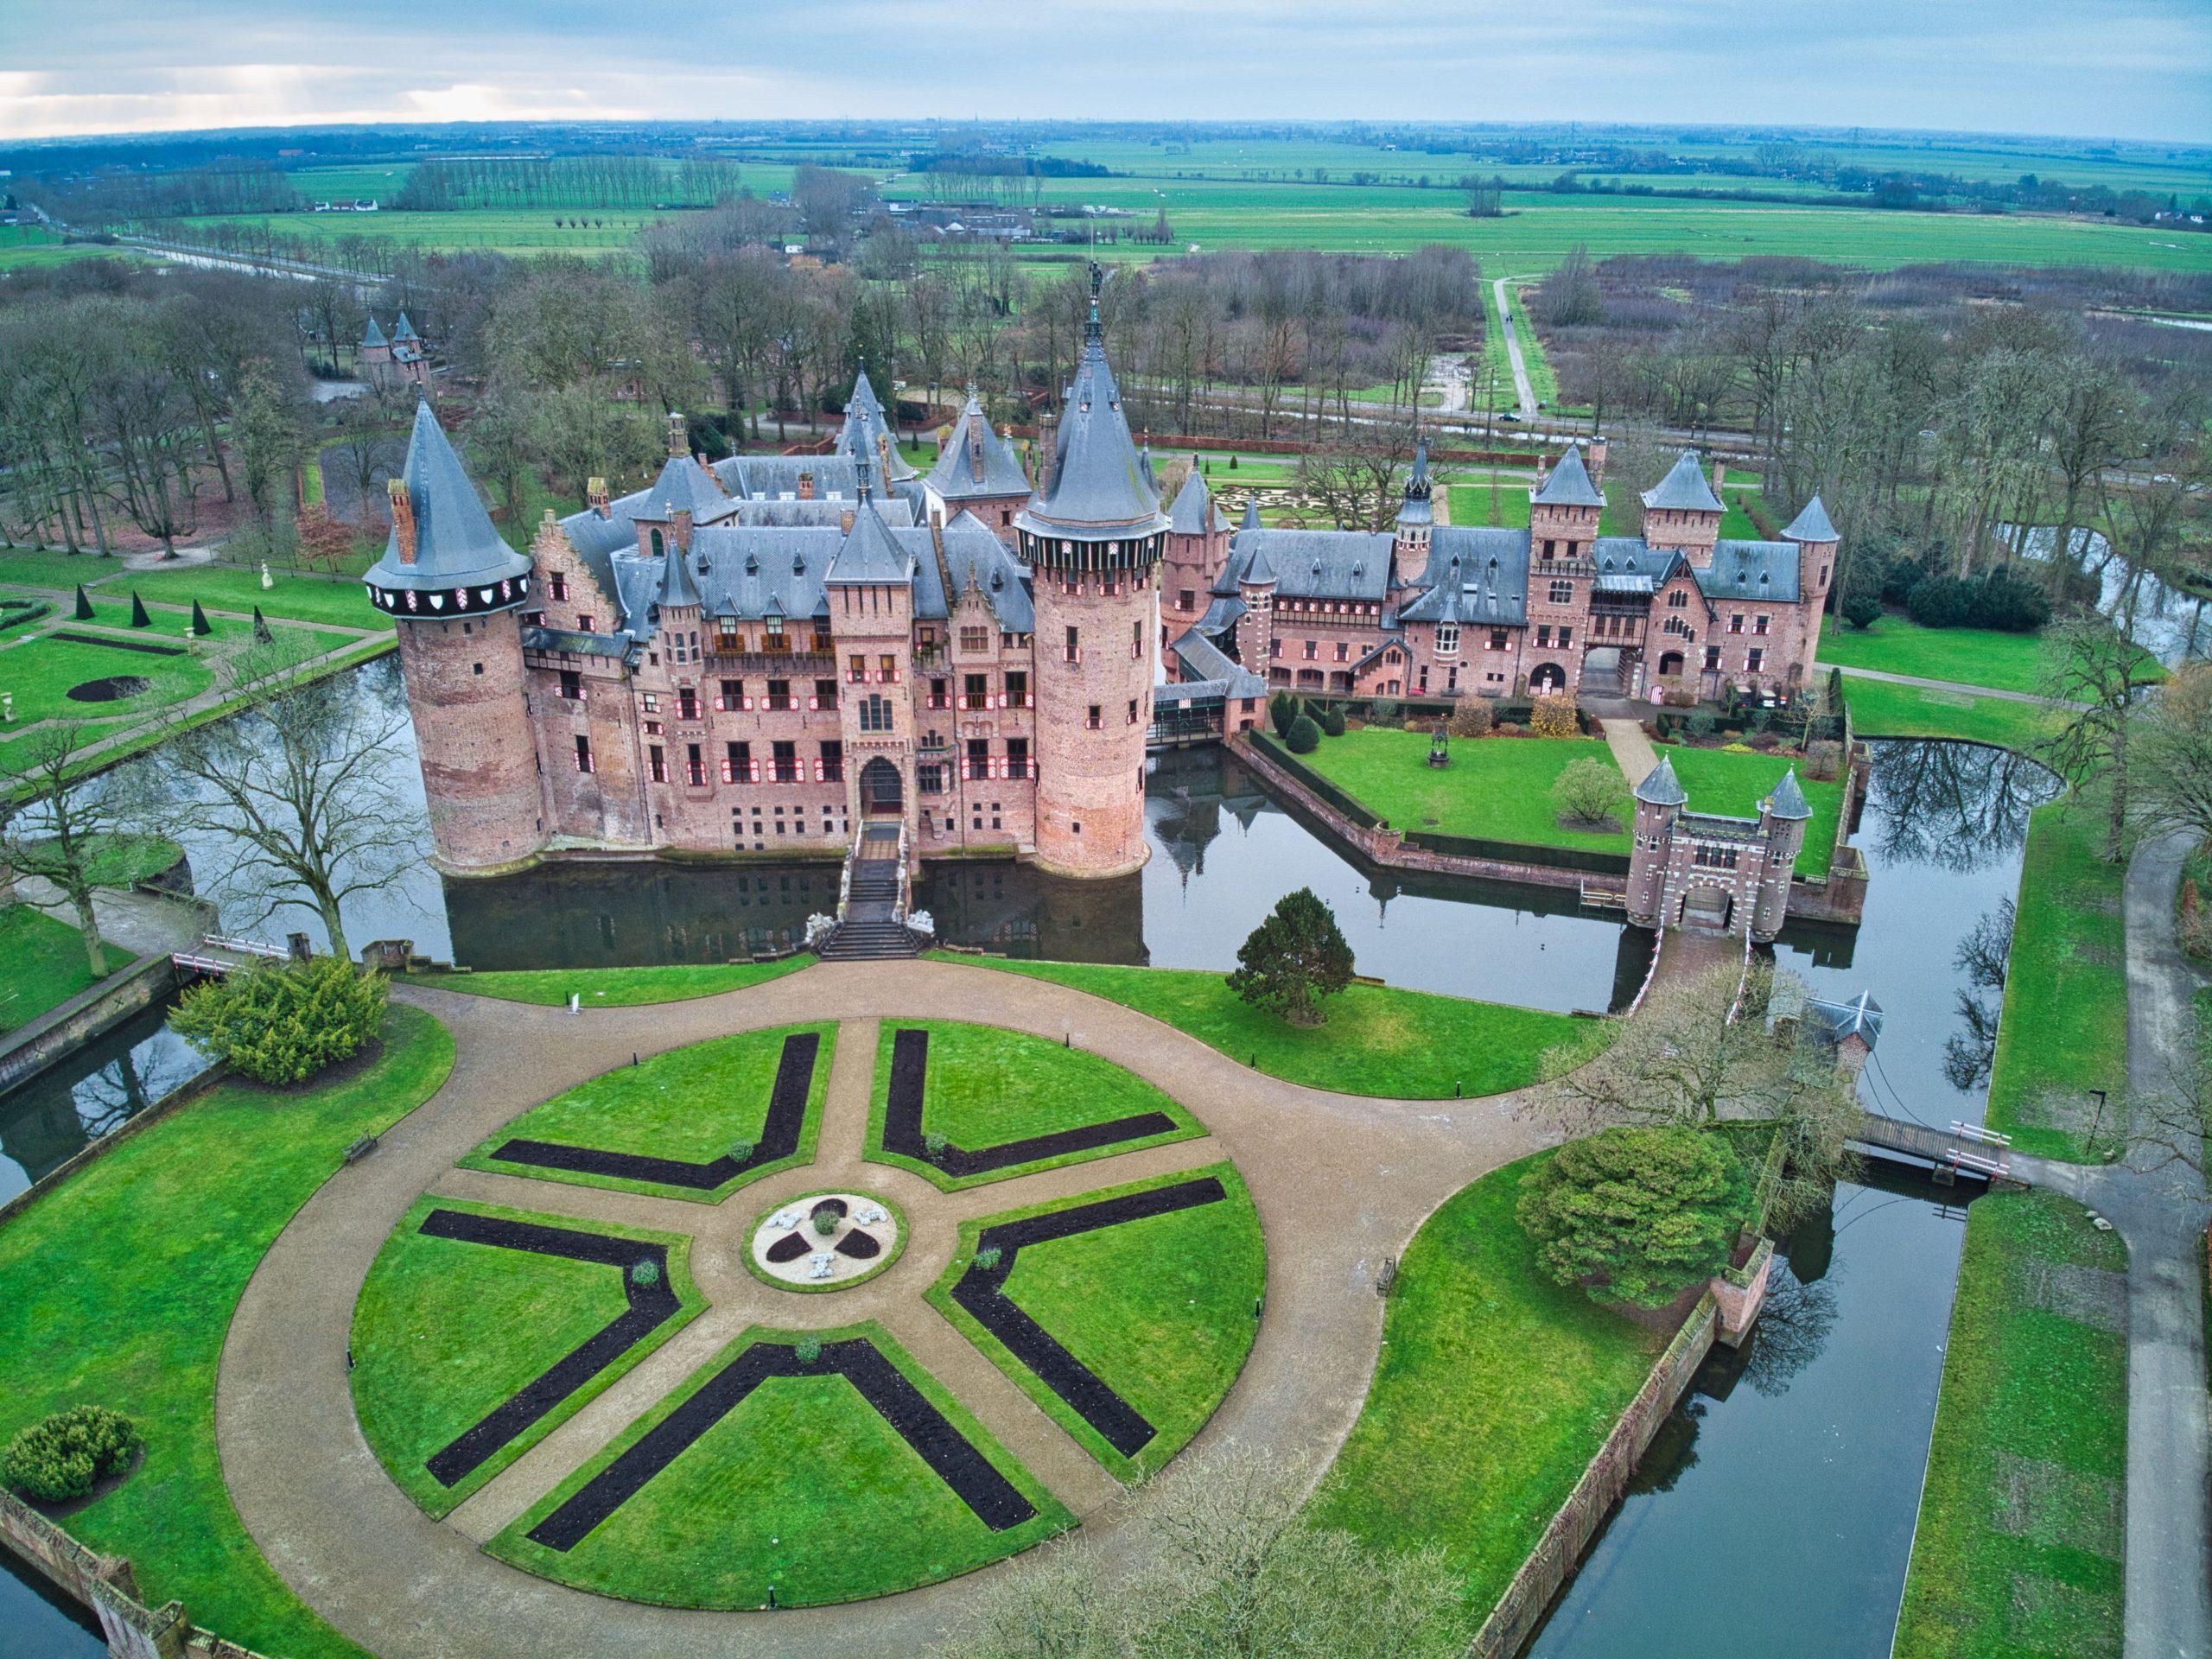 castle called Kasteel De Haar in the netherlands